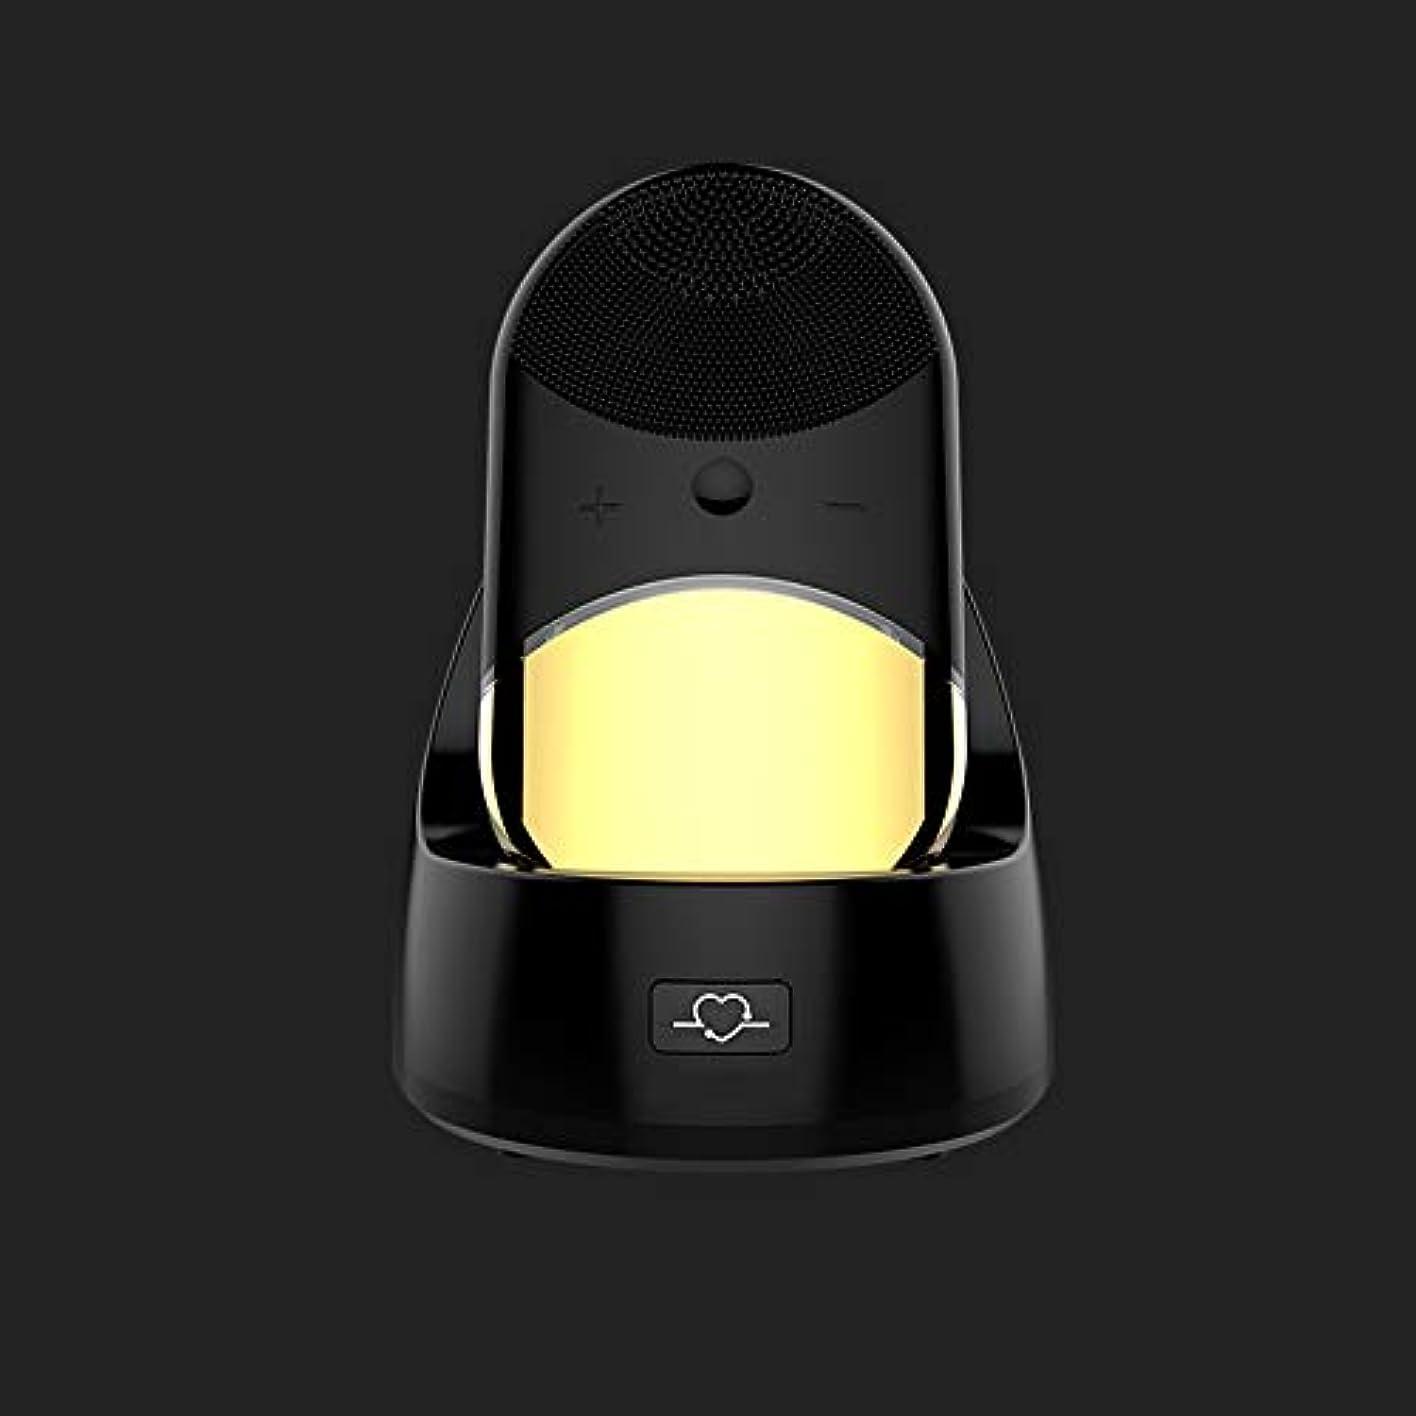 バーチャル神聖ランドリーZXF 新しい充電式シリコーン電気クレンジングブラシ45度マイルドとディープクリーンポア防水クレンジング器具マッサージ器具美容器具 滑らかである (色 : Black)